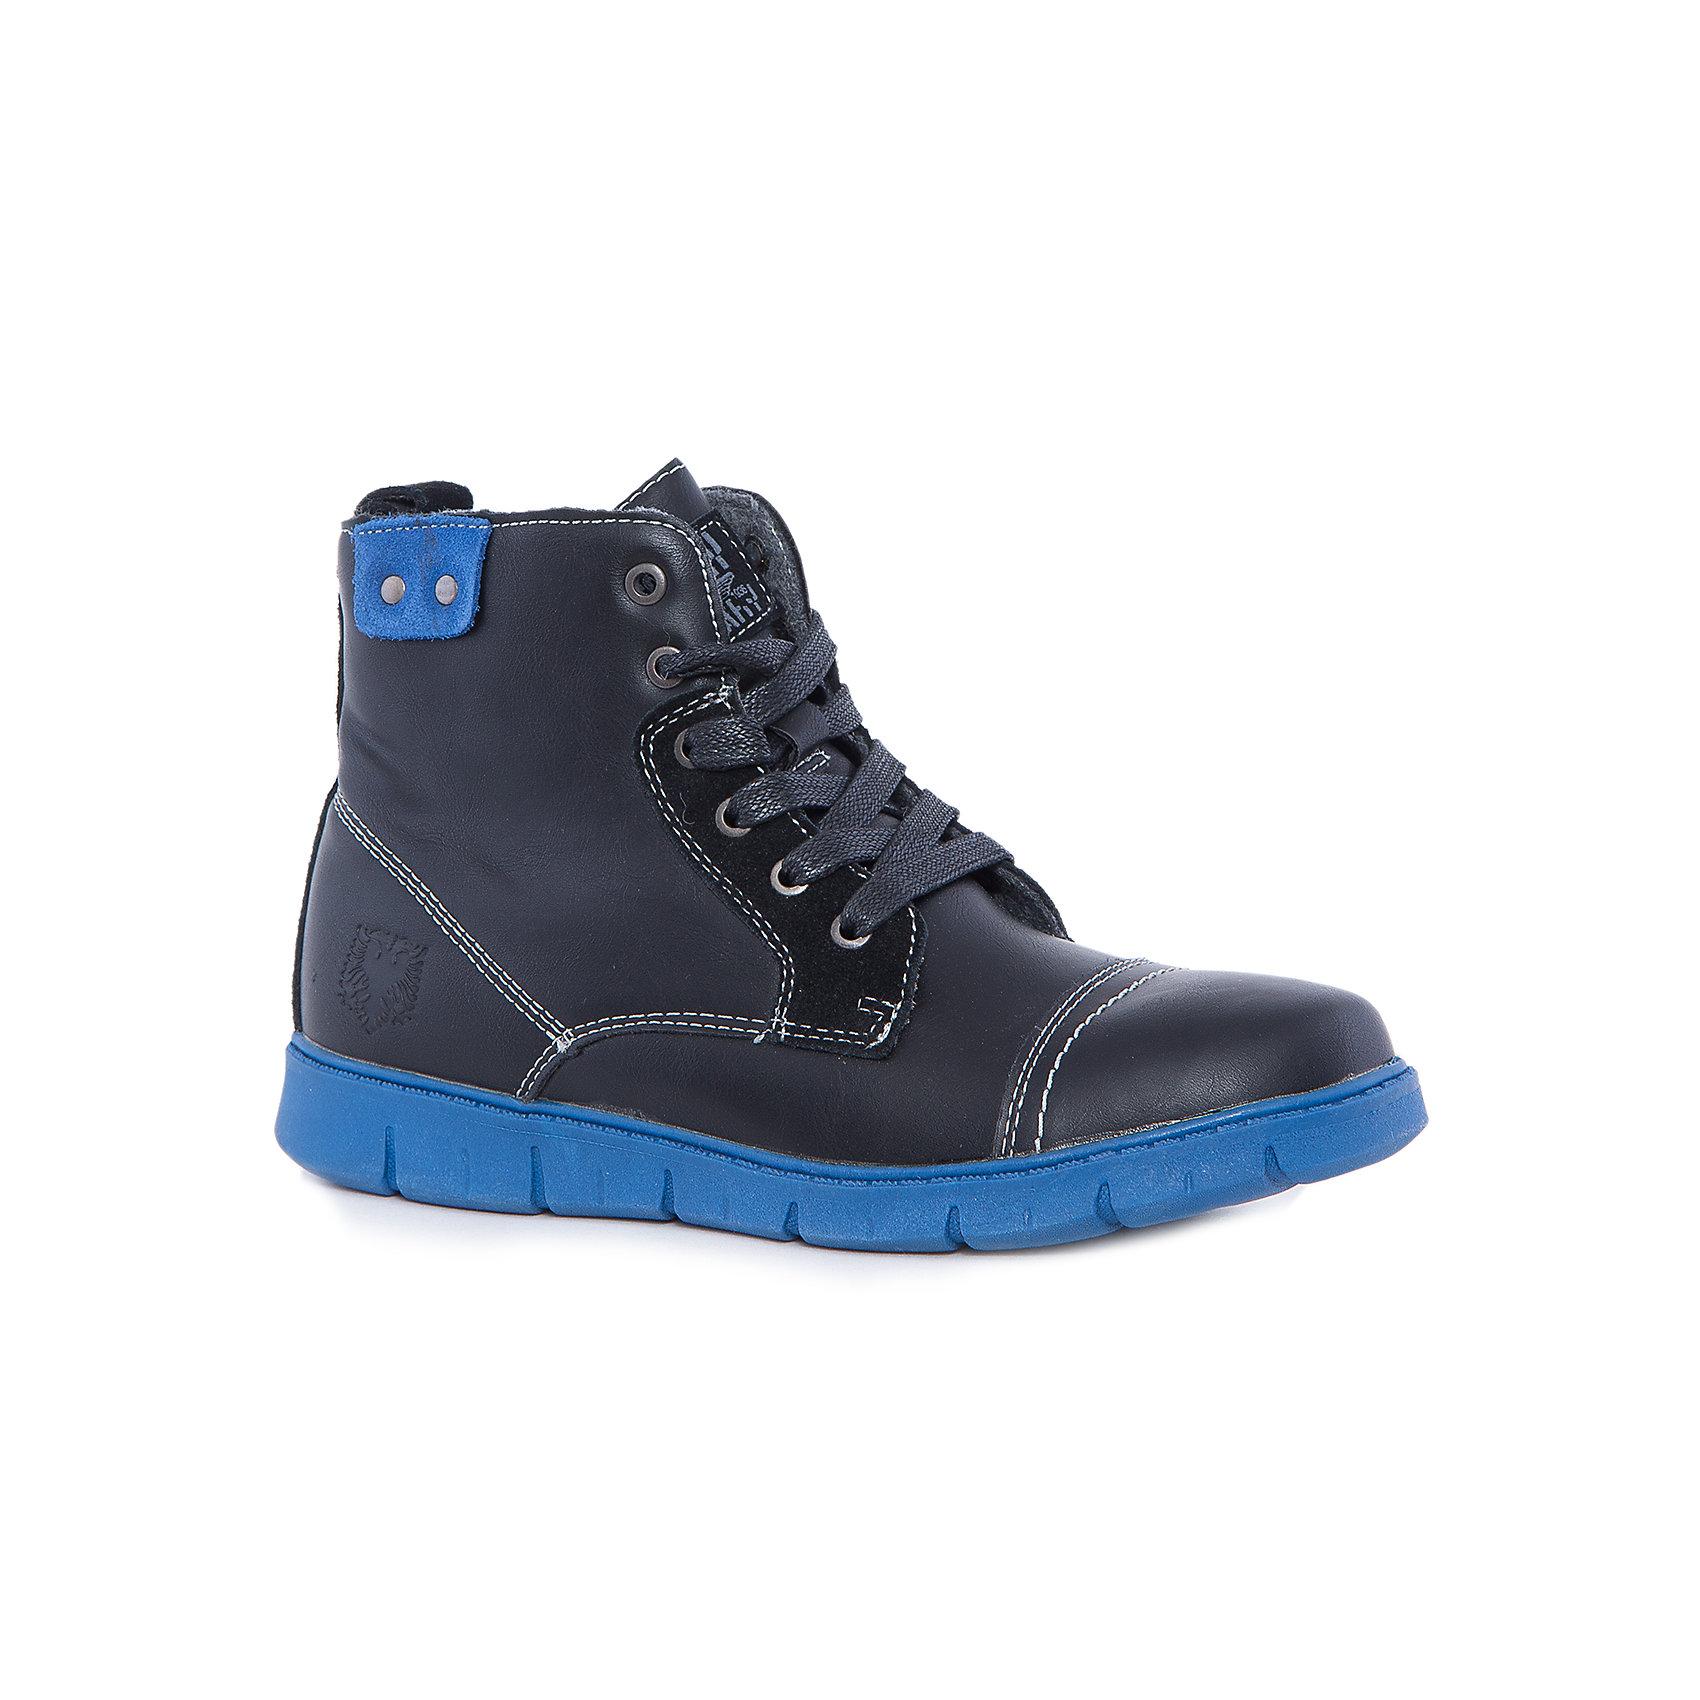 Ботинки для мальчика КотофейБотинки<br>Котофей – качественная и стильная детская обувь по доступным ценам. С каждым днем популярность бренда растет.  Новая модель зимних ботиночек – отличный выбор обуви, который подходит и для прогулки и для повседневного ношения вместе со школьной формой. Классический дизайн и модная деталь в виде синей подошвы образуют уникальную модель ботиночек, которая полюбится и мамам и малышам. <br><br>Дополнительная информация:<br><br>цвет: черный;<br>вид крепления: на клею;<br>застежка: шнуровка, липучка;<br>температурный режим: от -10 °С до +10° С.<br><br>Состав:<br>материал верха – комбинированный;<br>материал подклада – байка;<br>подошва – ТЭП.<br><br>Зимние ботиночки для мальчика школьного возраста из искусственной кожи от фирмы Котофей можно приобрести в нашем магазине.<br><br>Ширина мм: 262<br>Глубина мм: 176<br>Высота мм: 97<br>Вес г: 427<br>Цвет: черный<br>Возраст от месяцев: 132<br>Возраст до месяцев: 144<br>Пол: Мужской<br>Возраст: Детский<br>Размер: 35,38,36,33,34,37<br>SKU: 4982113